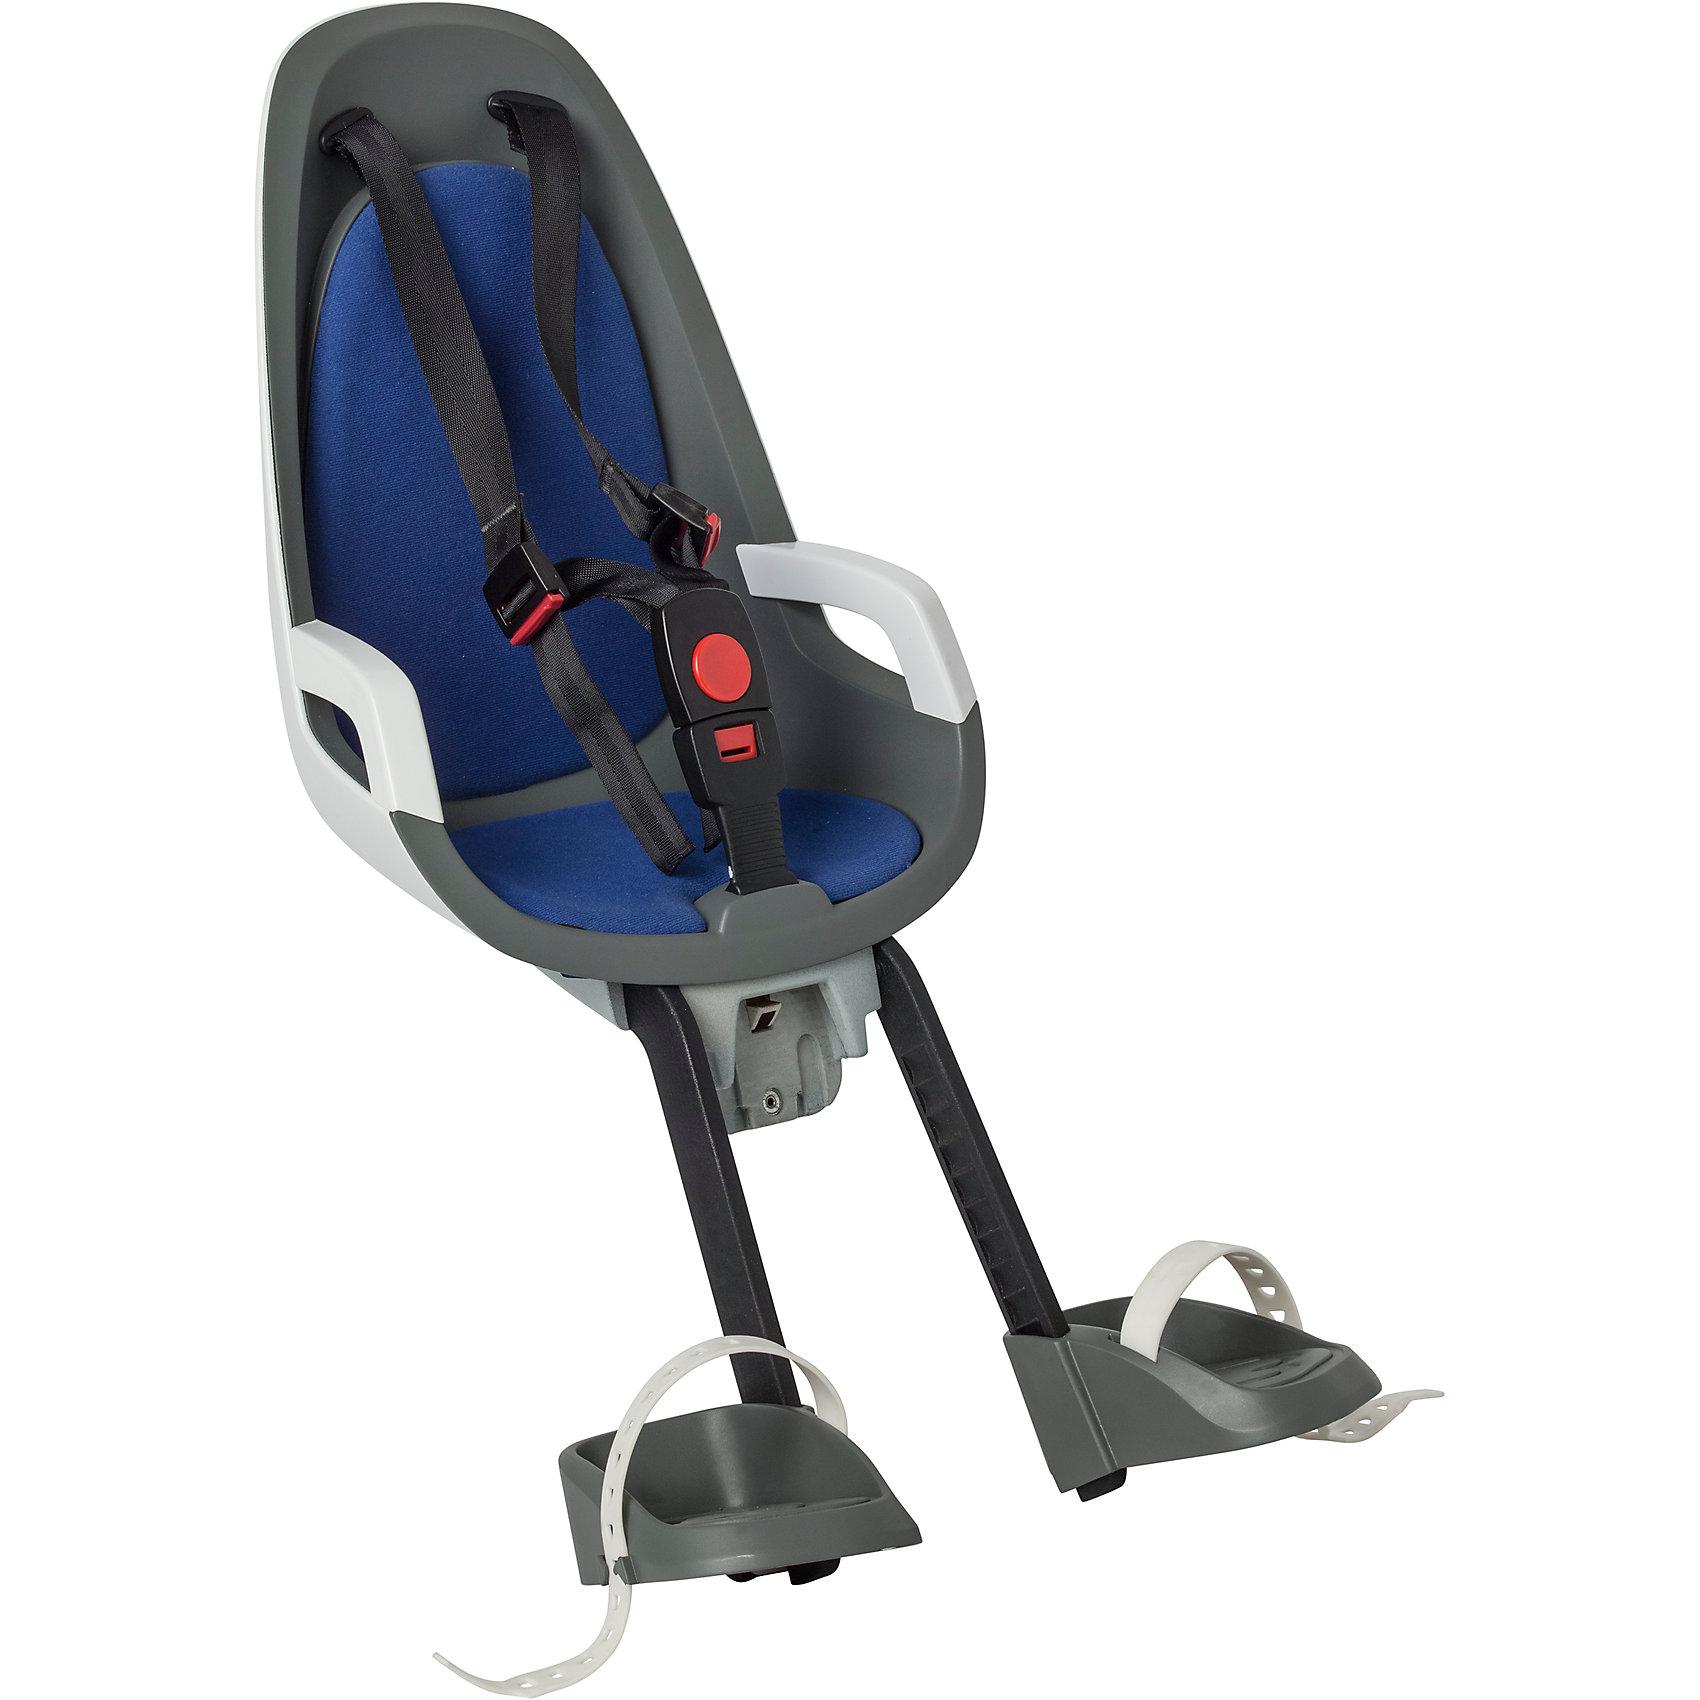 Детское велокресло Caress Observer, Hamax, серый/белый/синийАксеcсуары для велосипедов<br>Детское велосипедное кресло Hamax Caress Observer рассчитан на перевозку детей от 9 месяцев и по весу не превышающих 15 кг. Представленное кресло крепится перед рулем.<br>Hamax Caress Observer позволяет ребенку видеть перед собой полную картину происходящего. Установка кресла производится на рулевую колонку. Для крепления предусмотрен специальный кронштейн. Труба должна быть от 22 до 40 мм.<br>Велокресло Hamax удобное, с мягкой вставкой и оборудованное ремнями безопасности. Защелка у ремней надежная. Самостоятельно ребенок не сможет расстегнуть застежку. Опоры для ног регулируются по высоте.<br>Детское велокресло имеет небольшой вес- всего 4,3 кг. Позволяет брать ребенка с собой на велосипедные прогулки.br&gt;Особенности:<br>Крепление для передней части велосипеда<br>Хороший обзор для ребенка<br>Ремни безопасности<br>Надежный замок<br>Мягкий вкладыш<br>Опоры для ног с регулировкой<br>Крепление для труб от 22 до 40 мм.<br><br>Ширина мм: 300<br>Глубина мм: 660<br>Высота мм: 210<br>Вес г: 2200<br>Возраст от месяцев: 9<br>Возраст до месяцев: 48<br>Пол: Унисекс<br>Возраст: Детский<br>SKU: 5582608